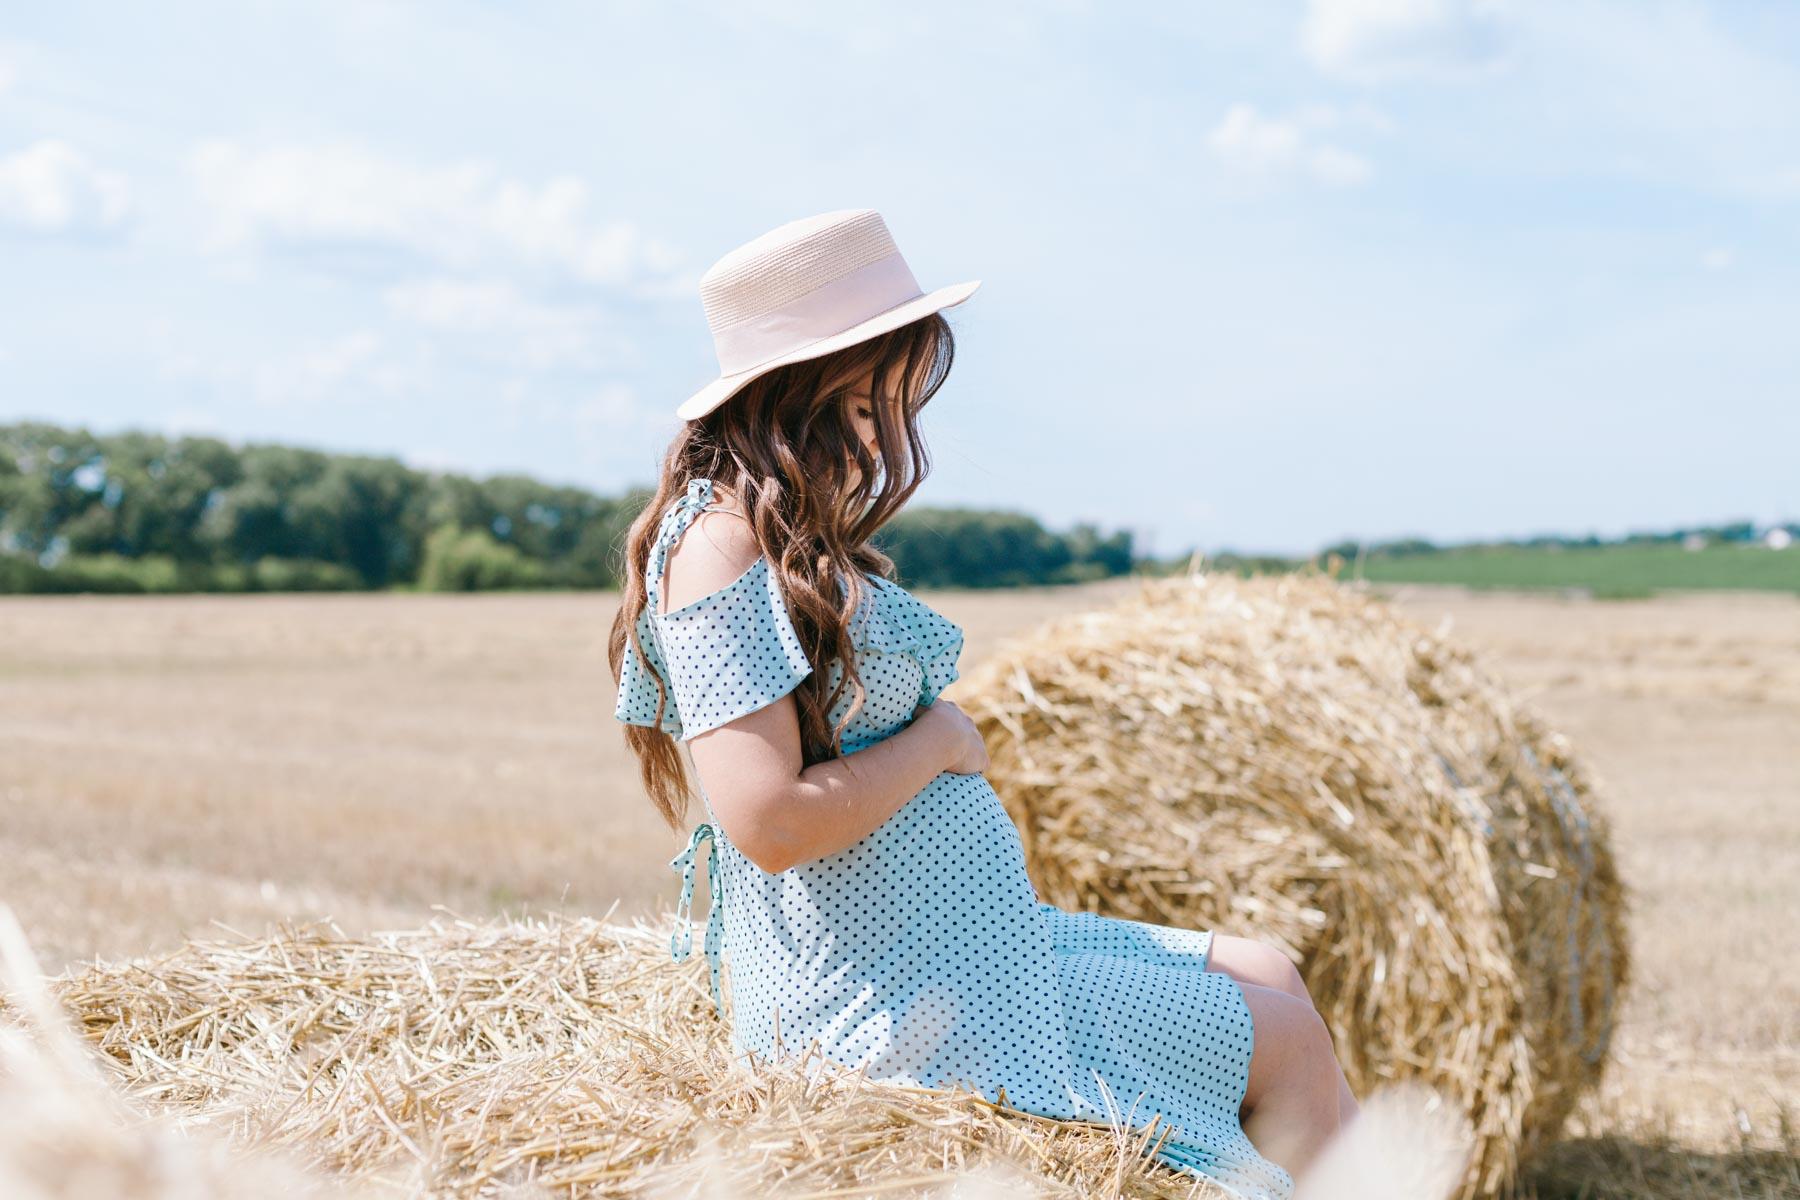 Беременная девушка в голубом платье сидит на стоге сена